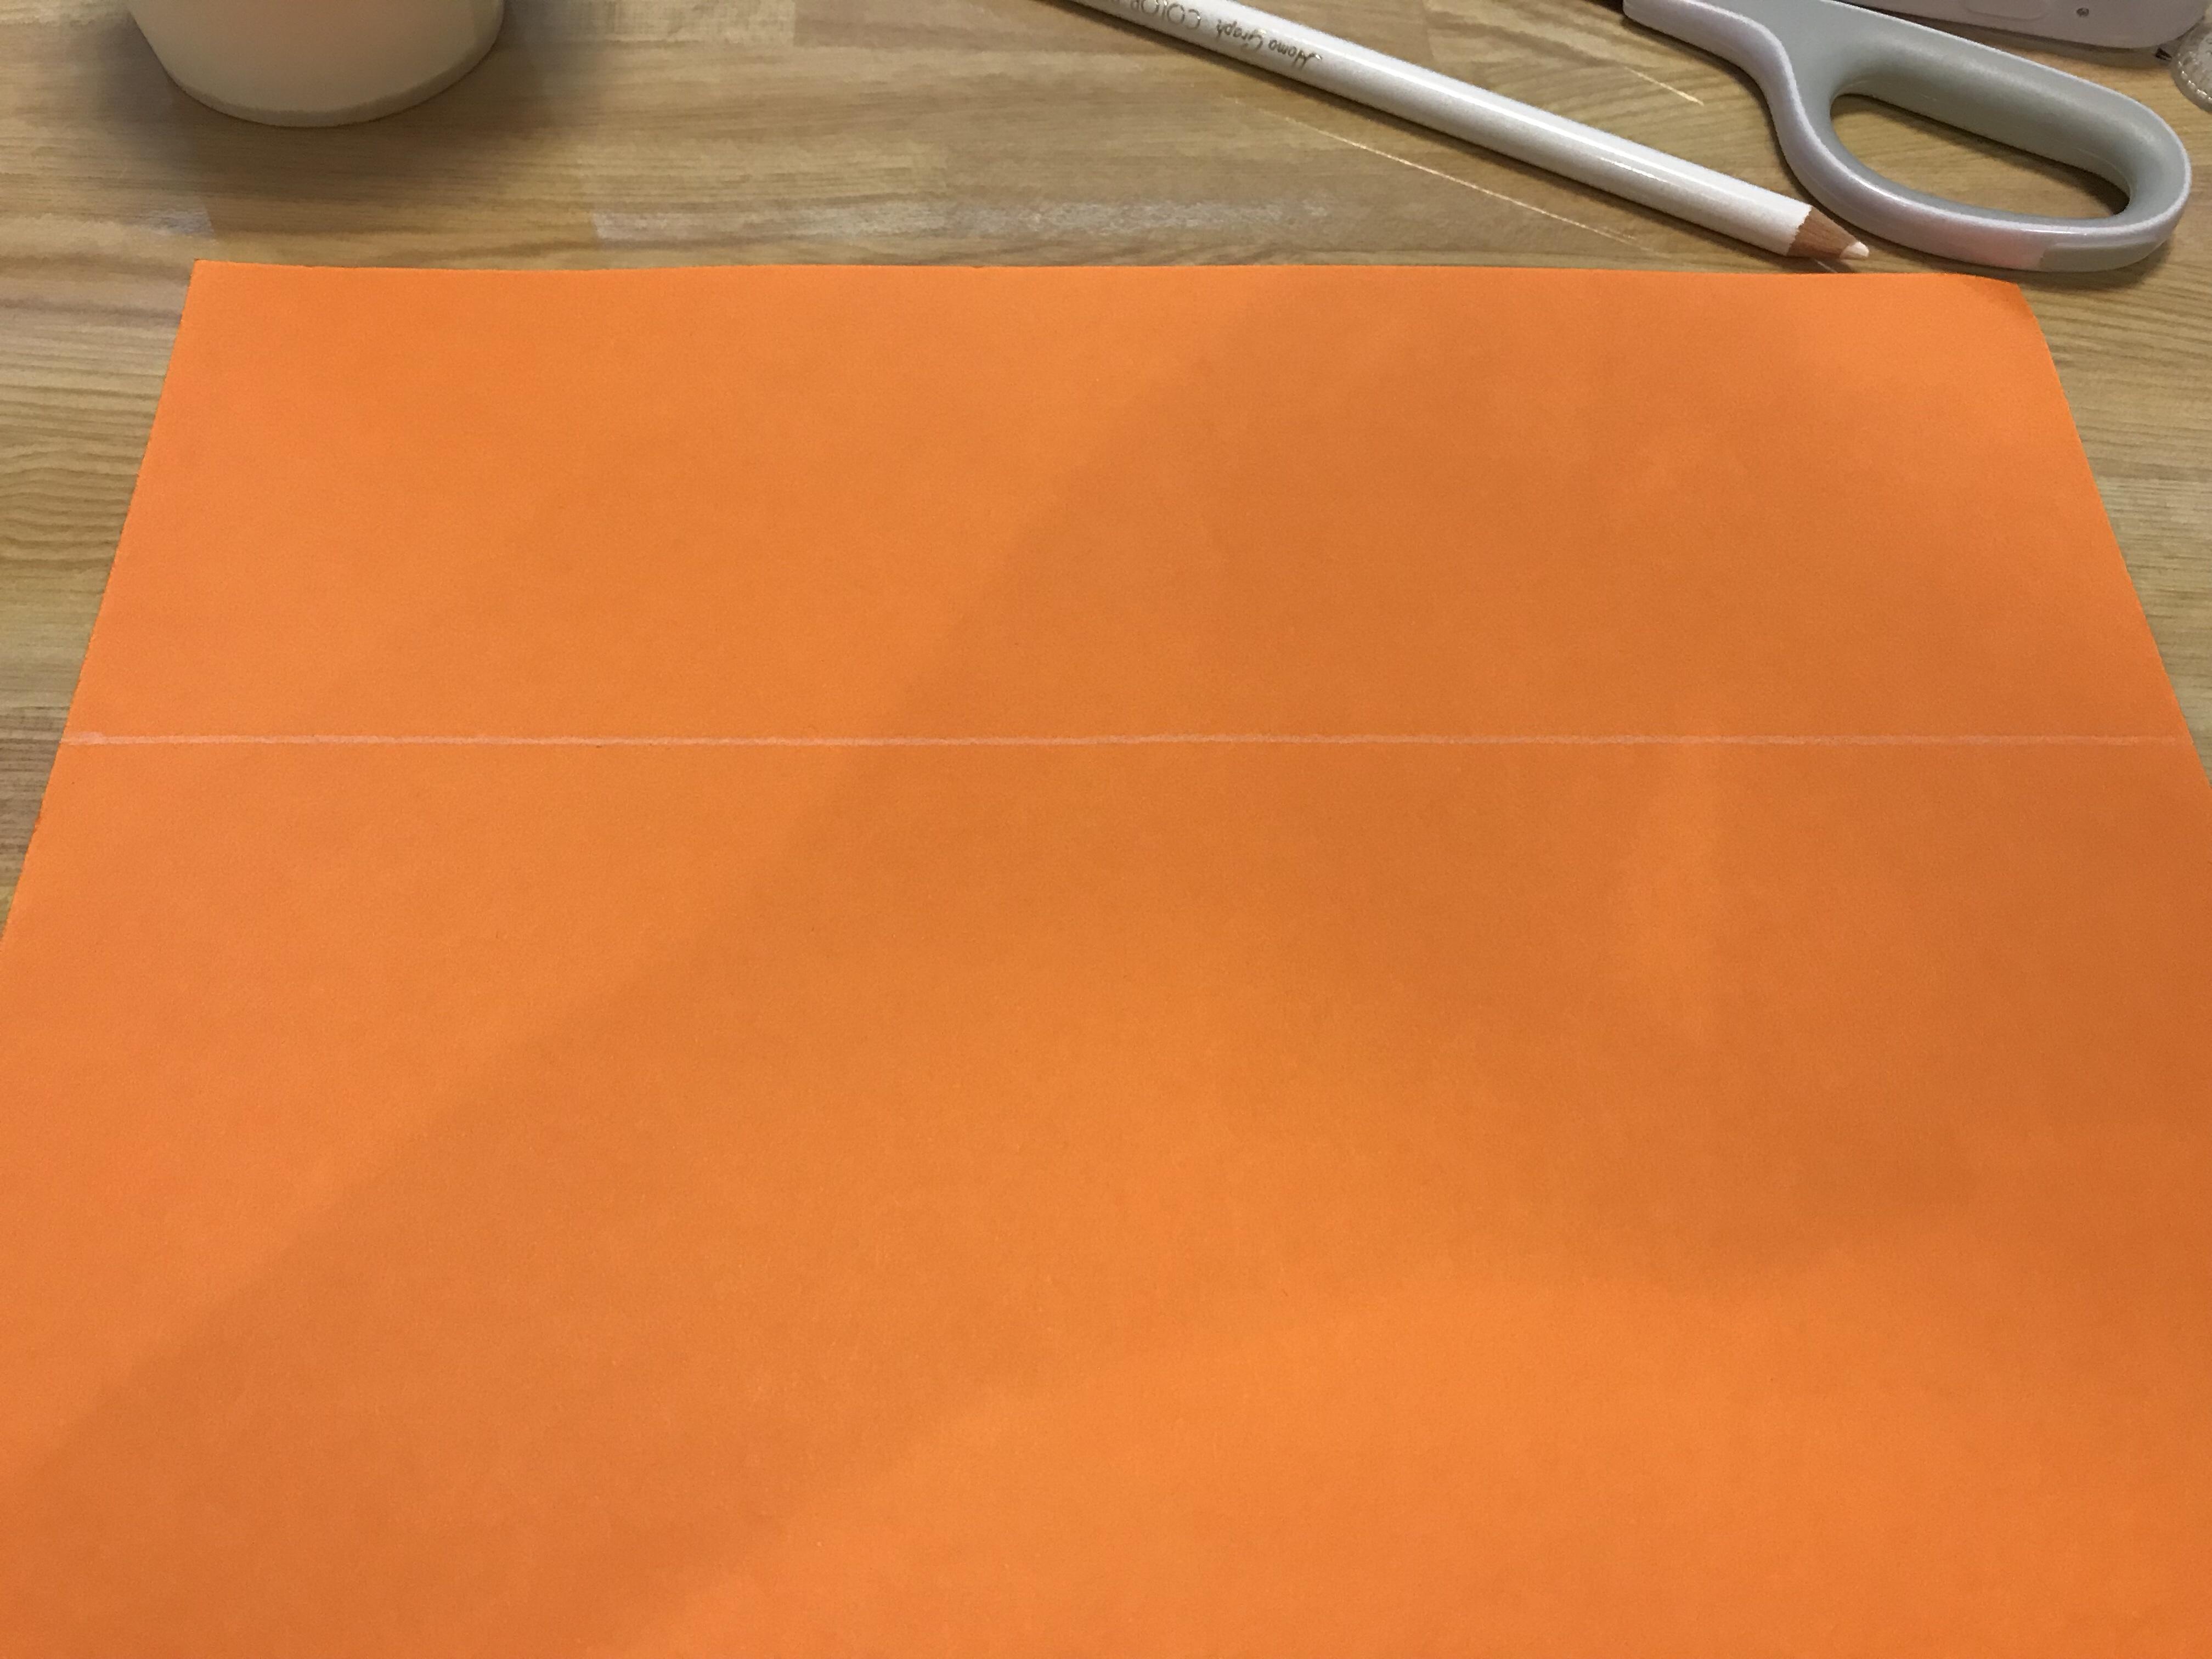 画用紙に線を引いた写真。